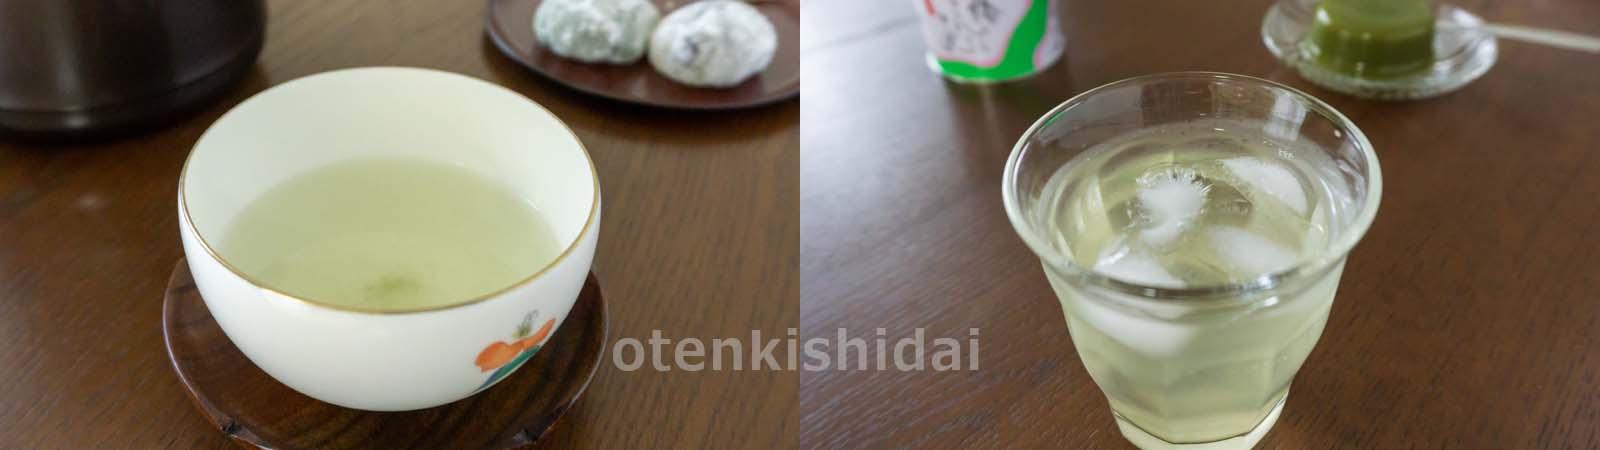 梅昆布茶・ホットとアイス